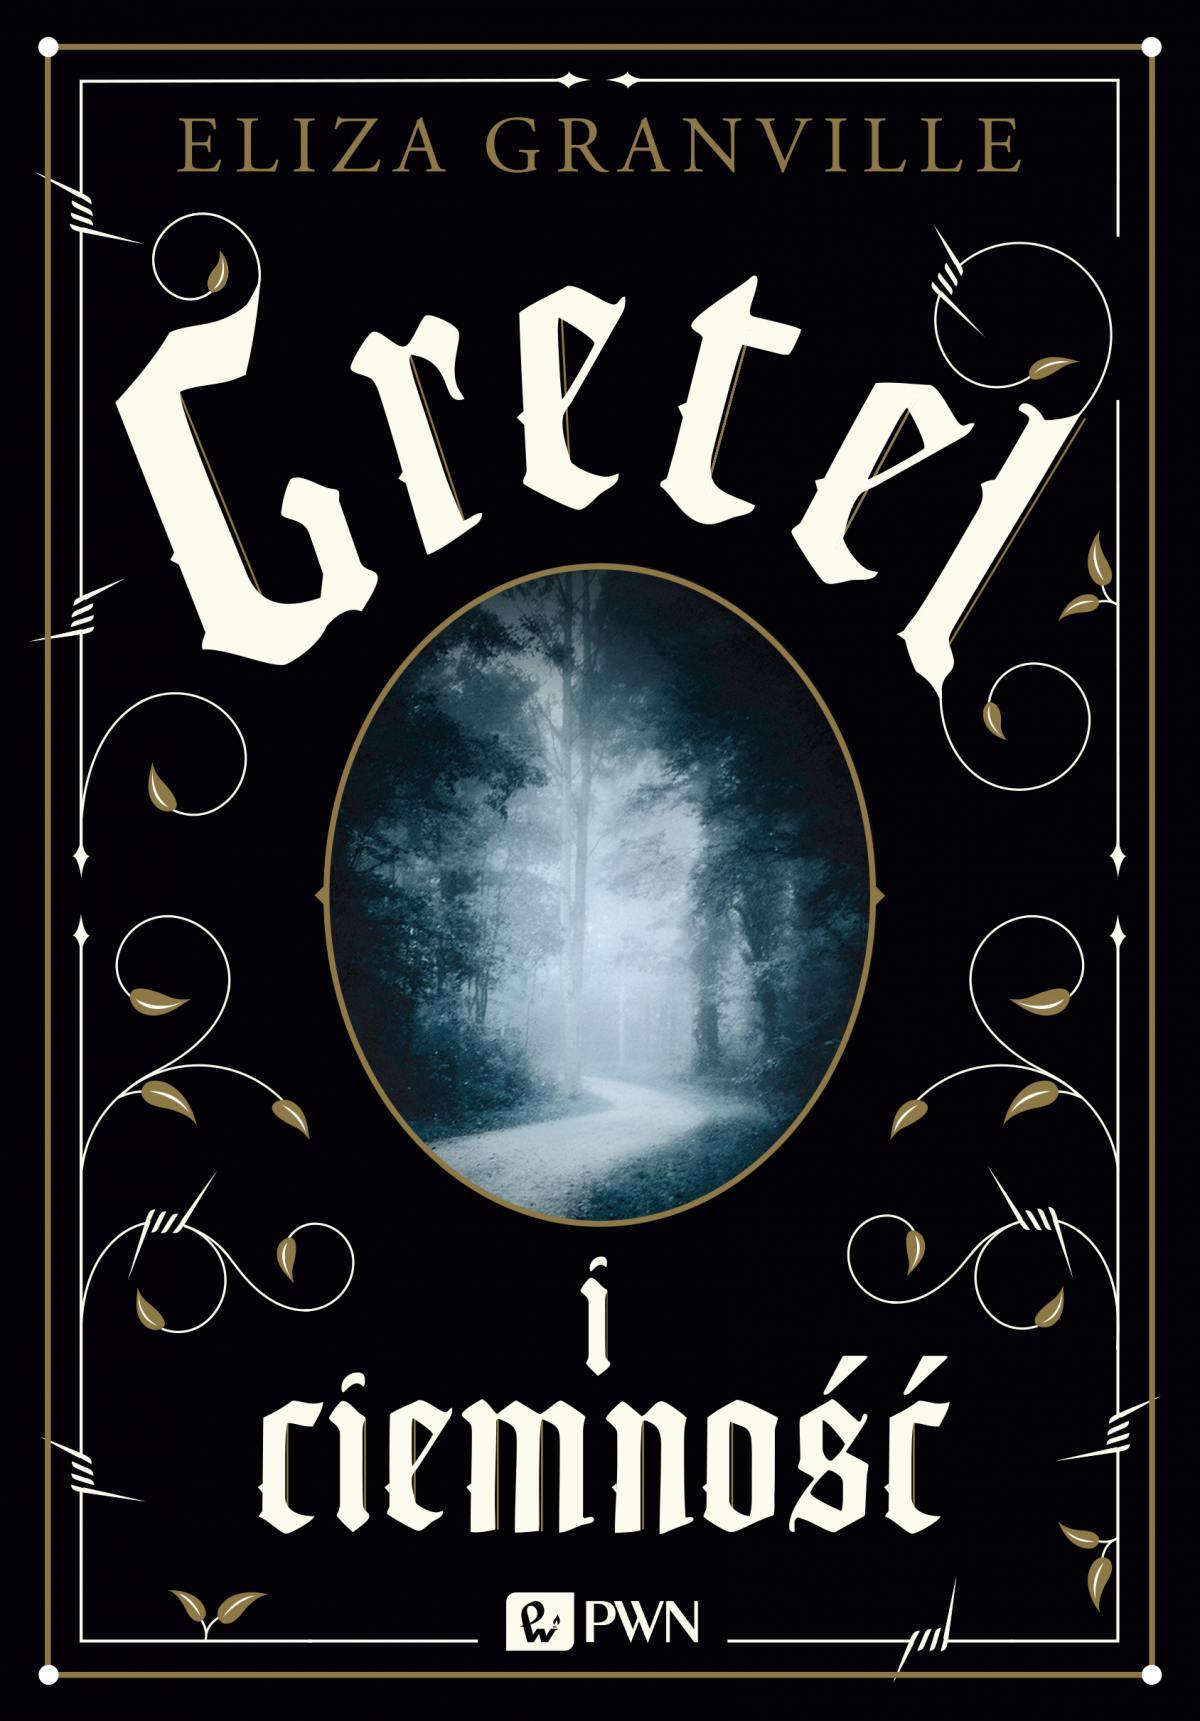 Gretel i ciemność - Ebook (Książka EPUB) do pobrania w formacie EPUB